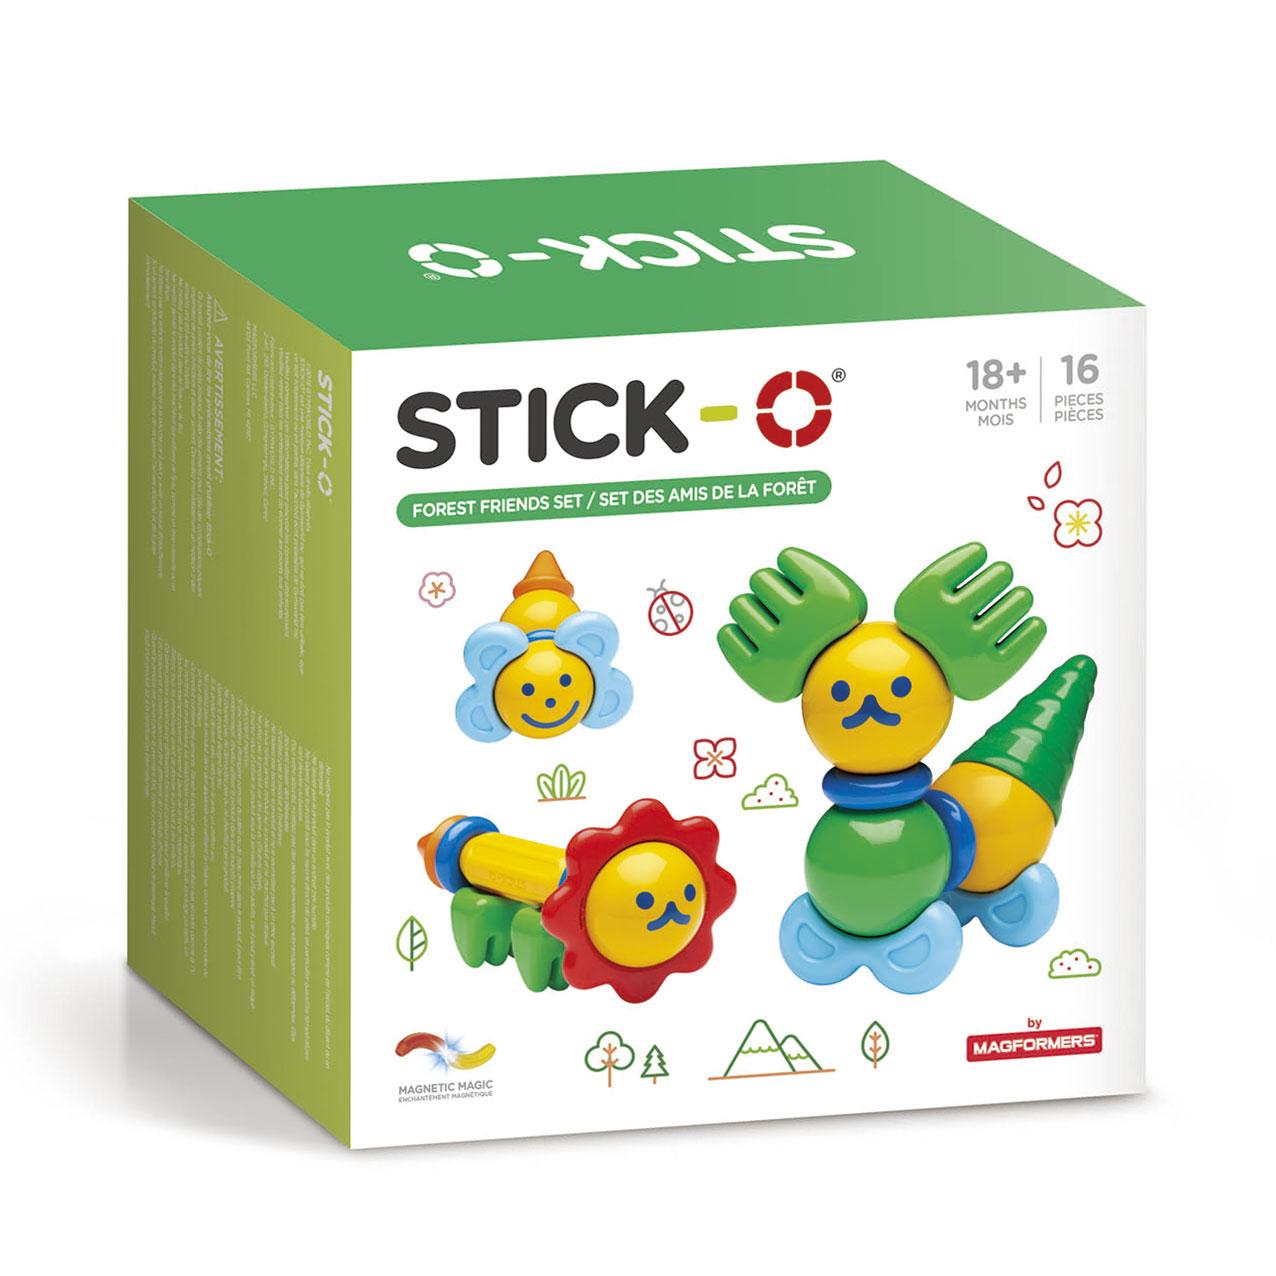 Stick-O Forest Friends magneet set